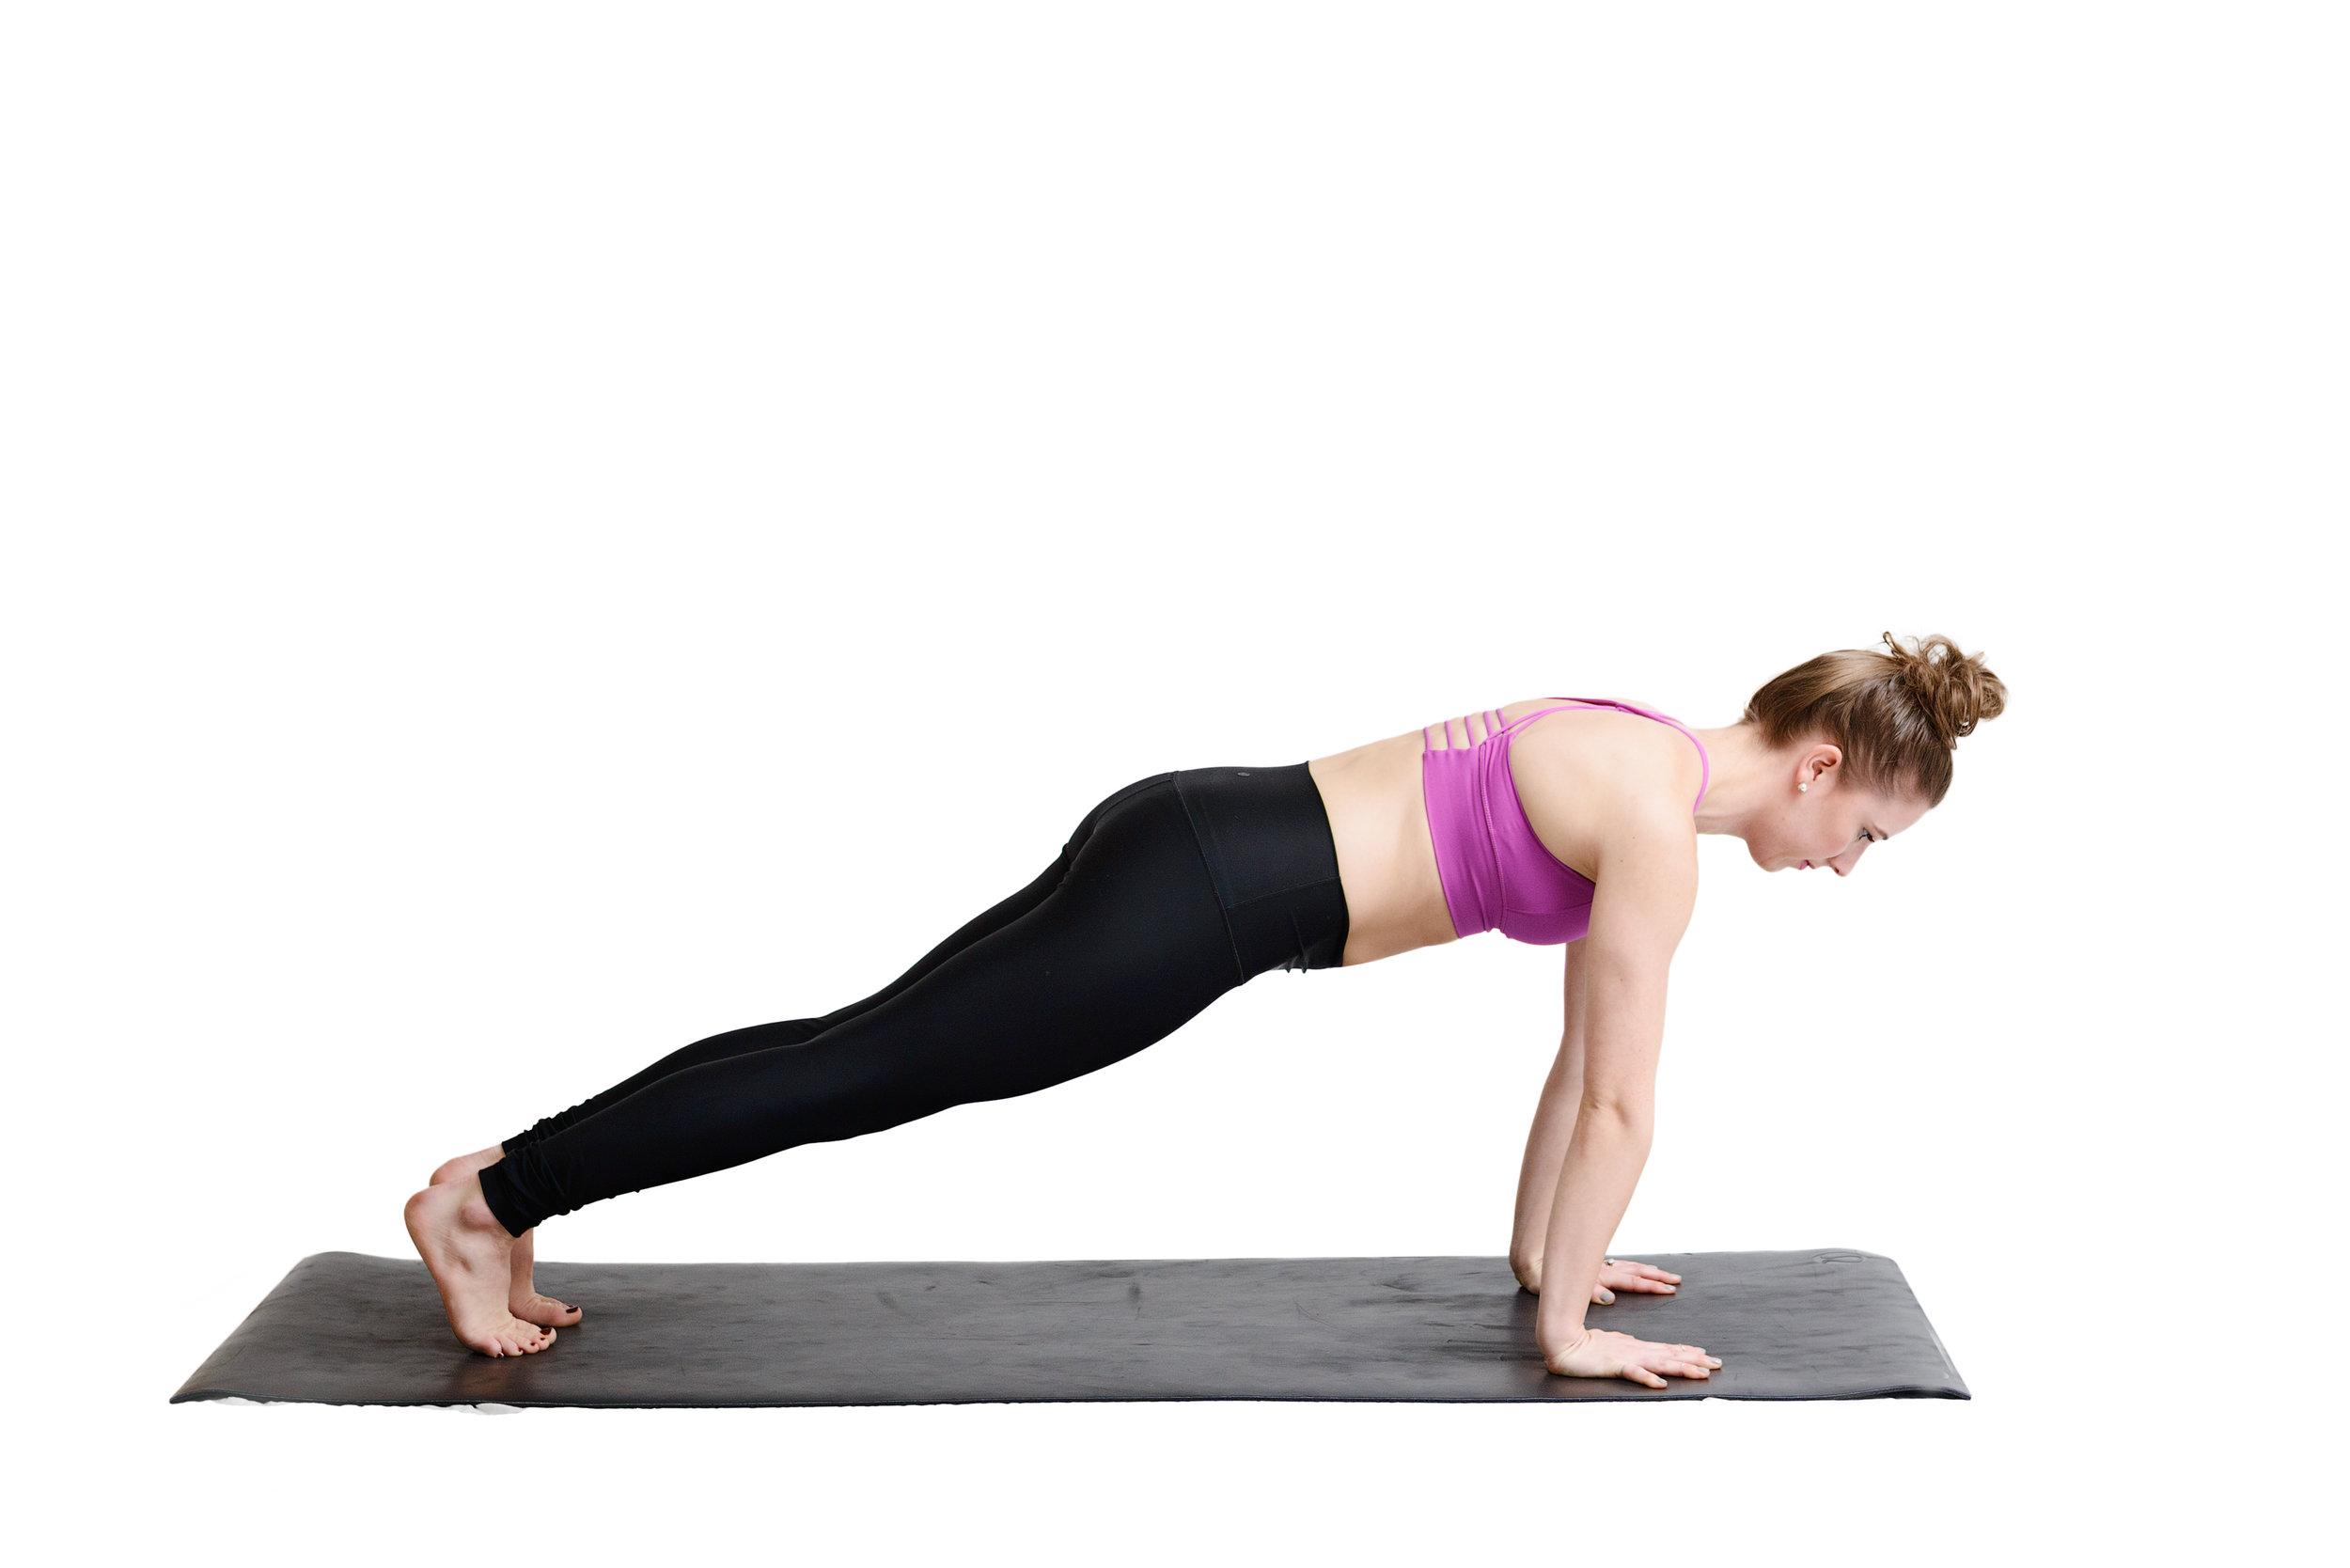 Jovette_PT&Yoga_005.jpg